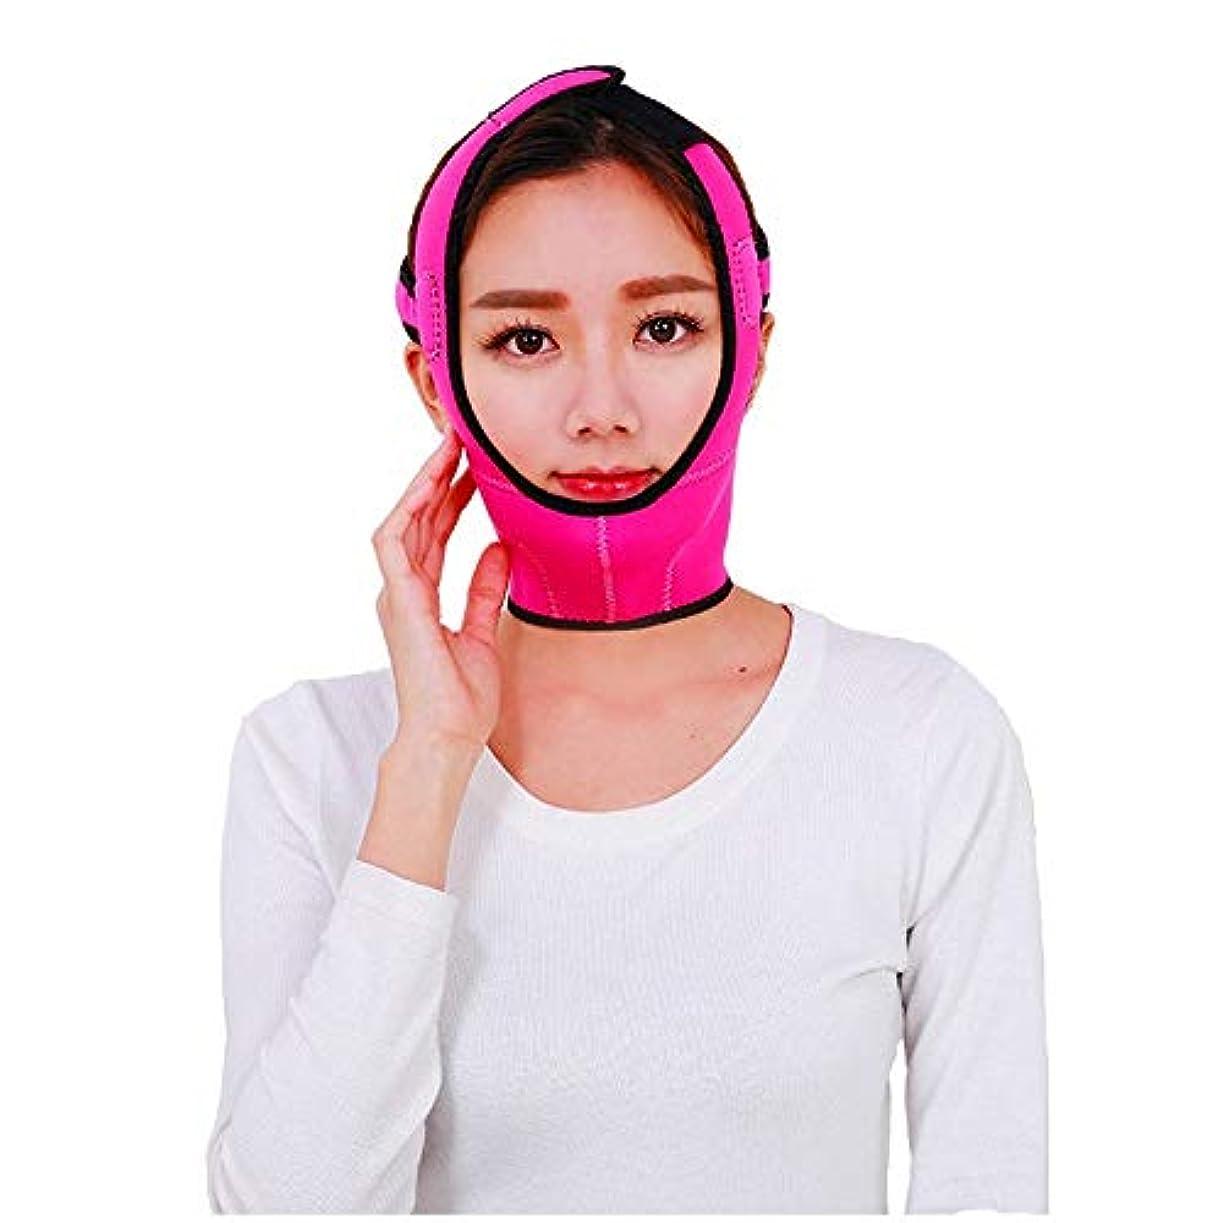 なめらかないちゃつくフェミニンフェイスリフティングベルト、フェイスリフティング包帯フェイシャルフェイスシェイパーフェイスブレースV字型包帯で二重あごのしわ防止アンチエイジングを軽減 (Color : Pink)